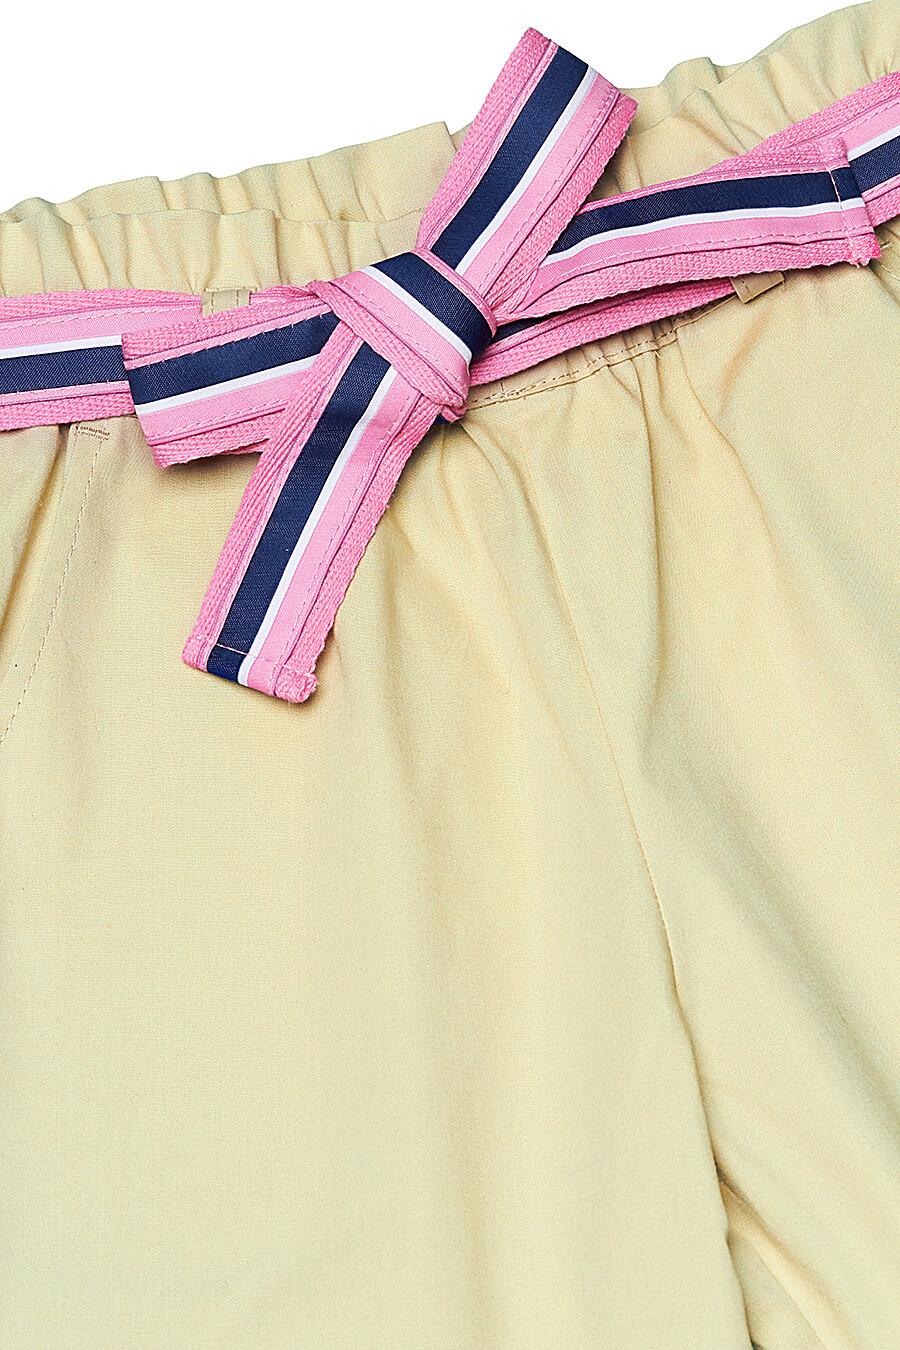 Шорты LUCKY CHILD (184422), купить в Moyo.moda